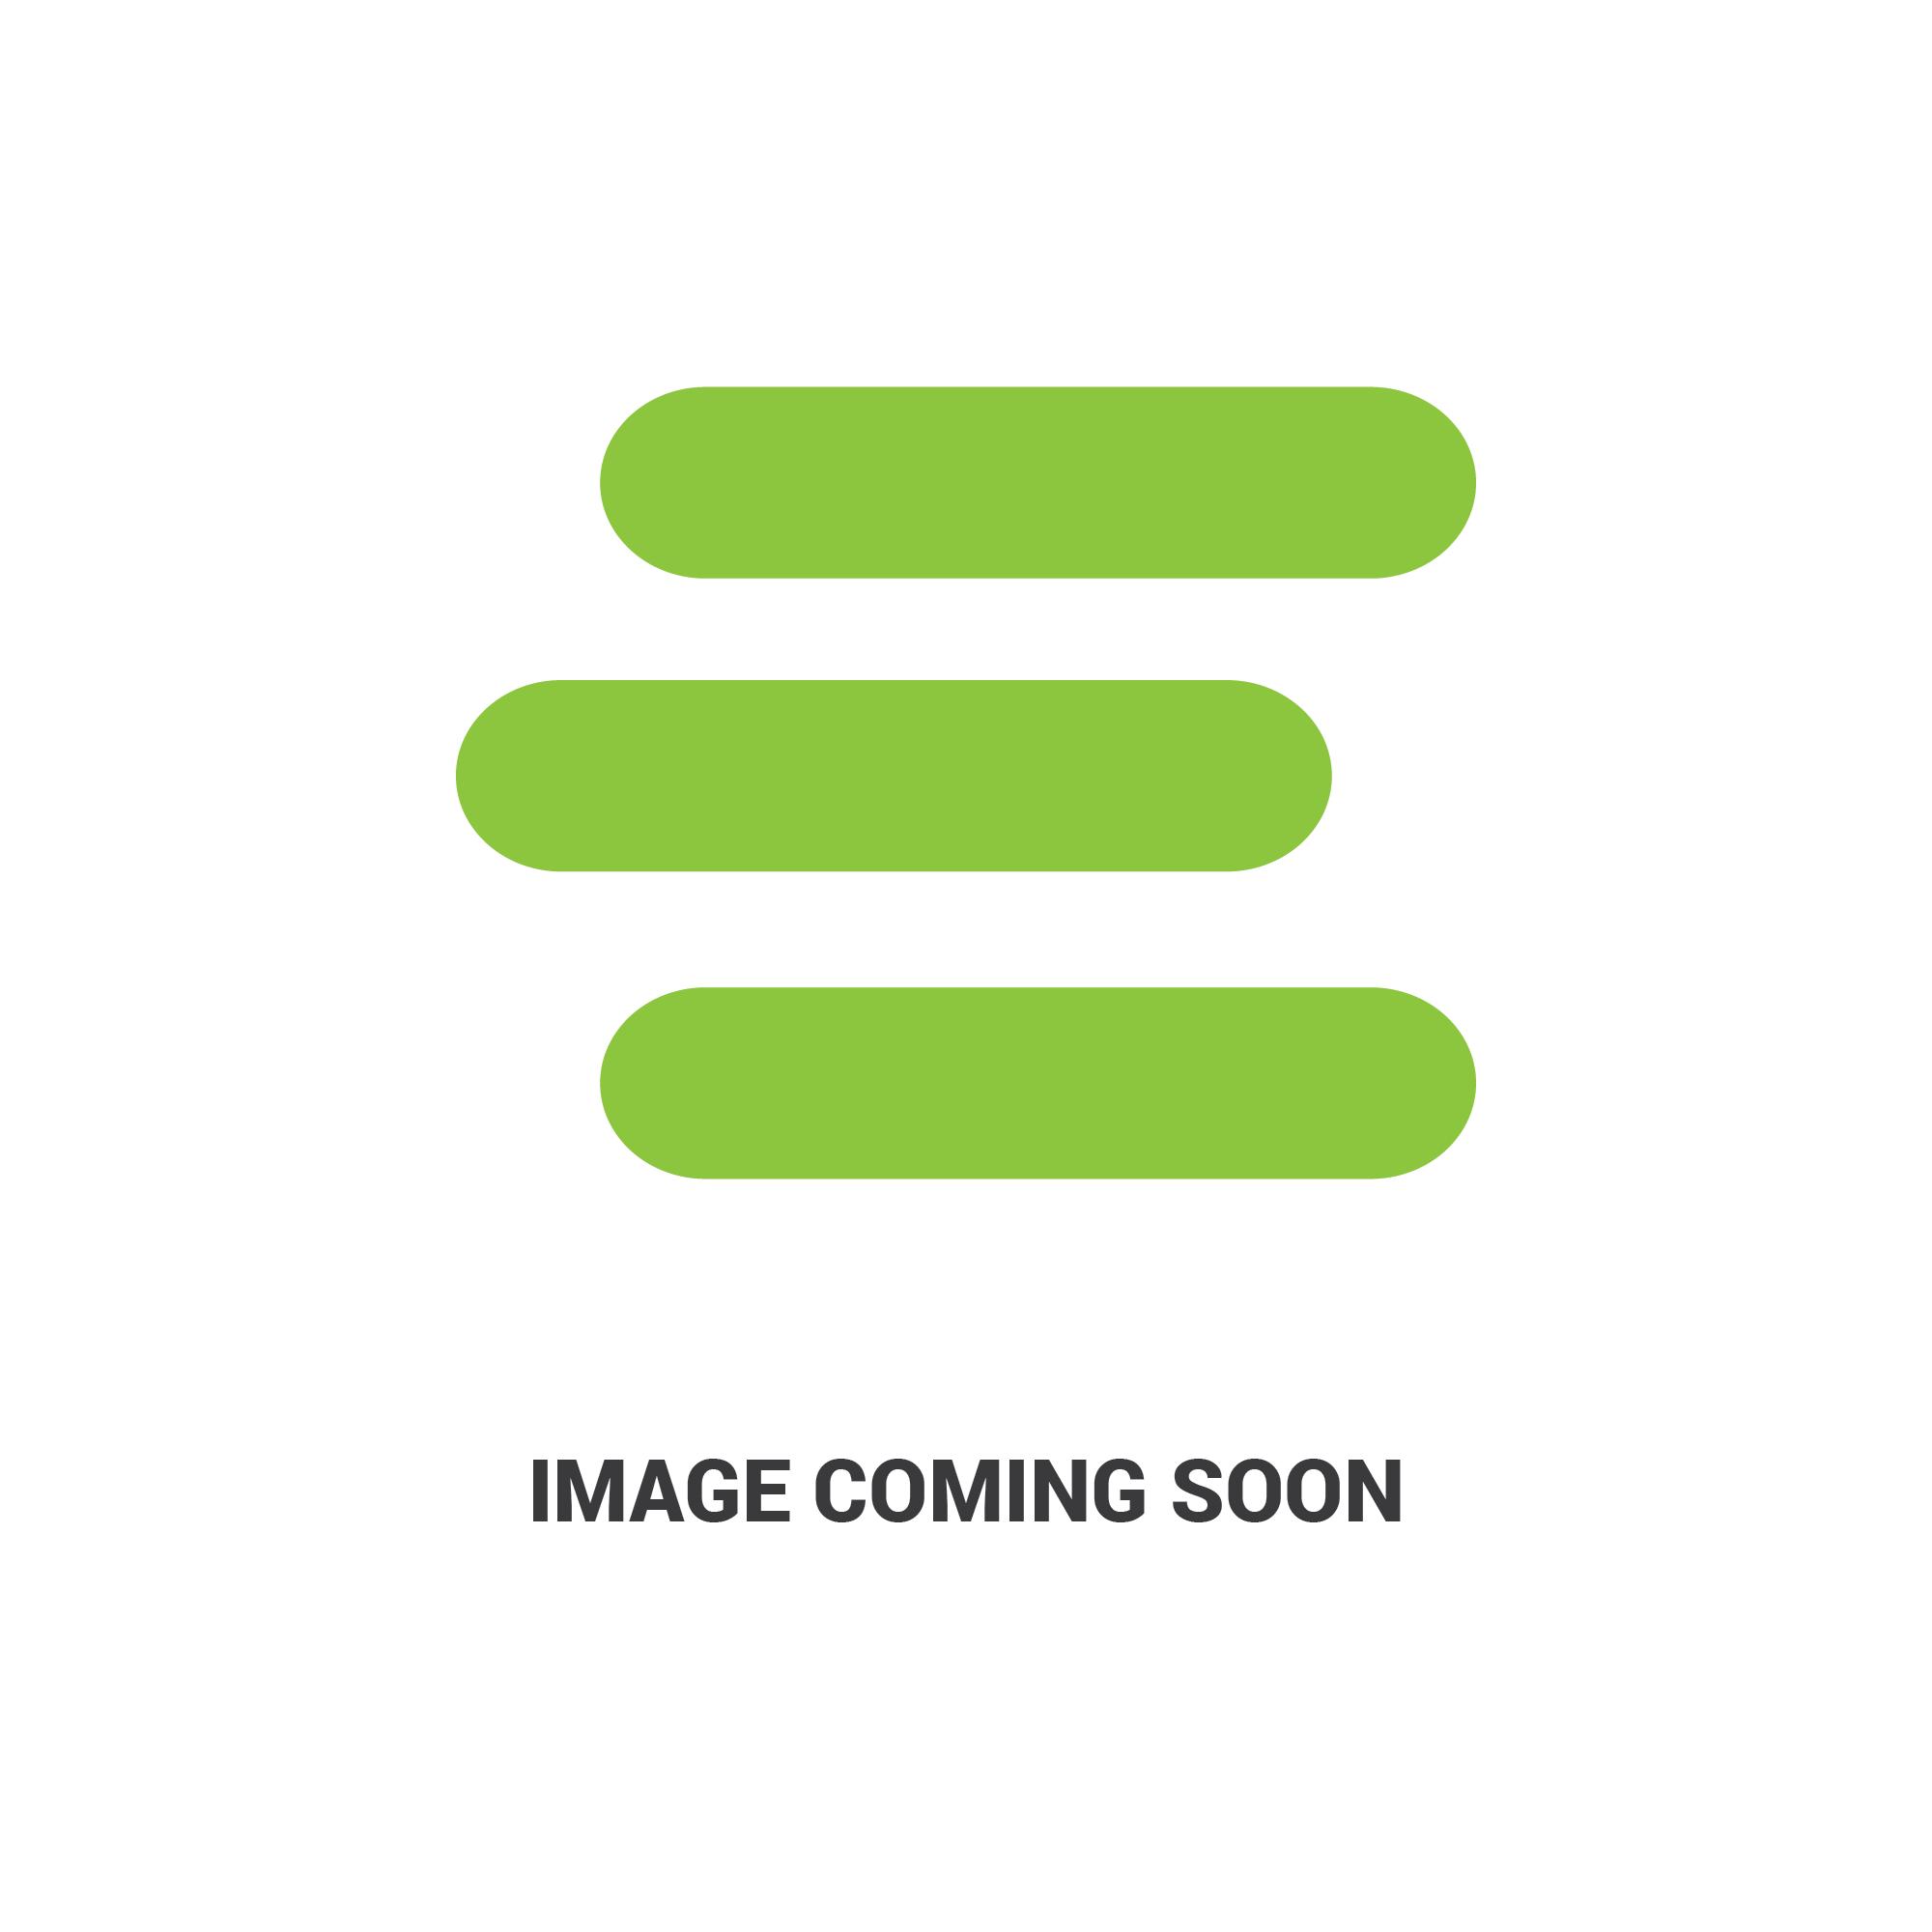 E-AL38234ag1001684.jpg